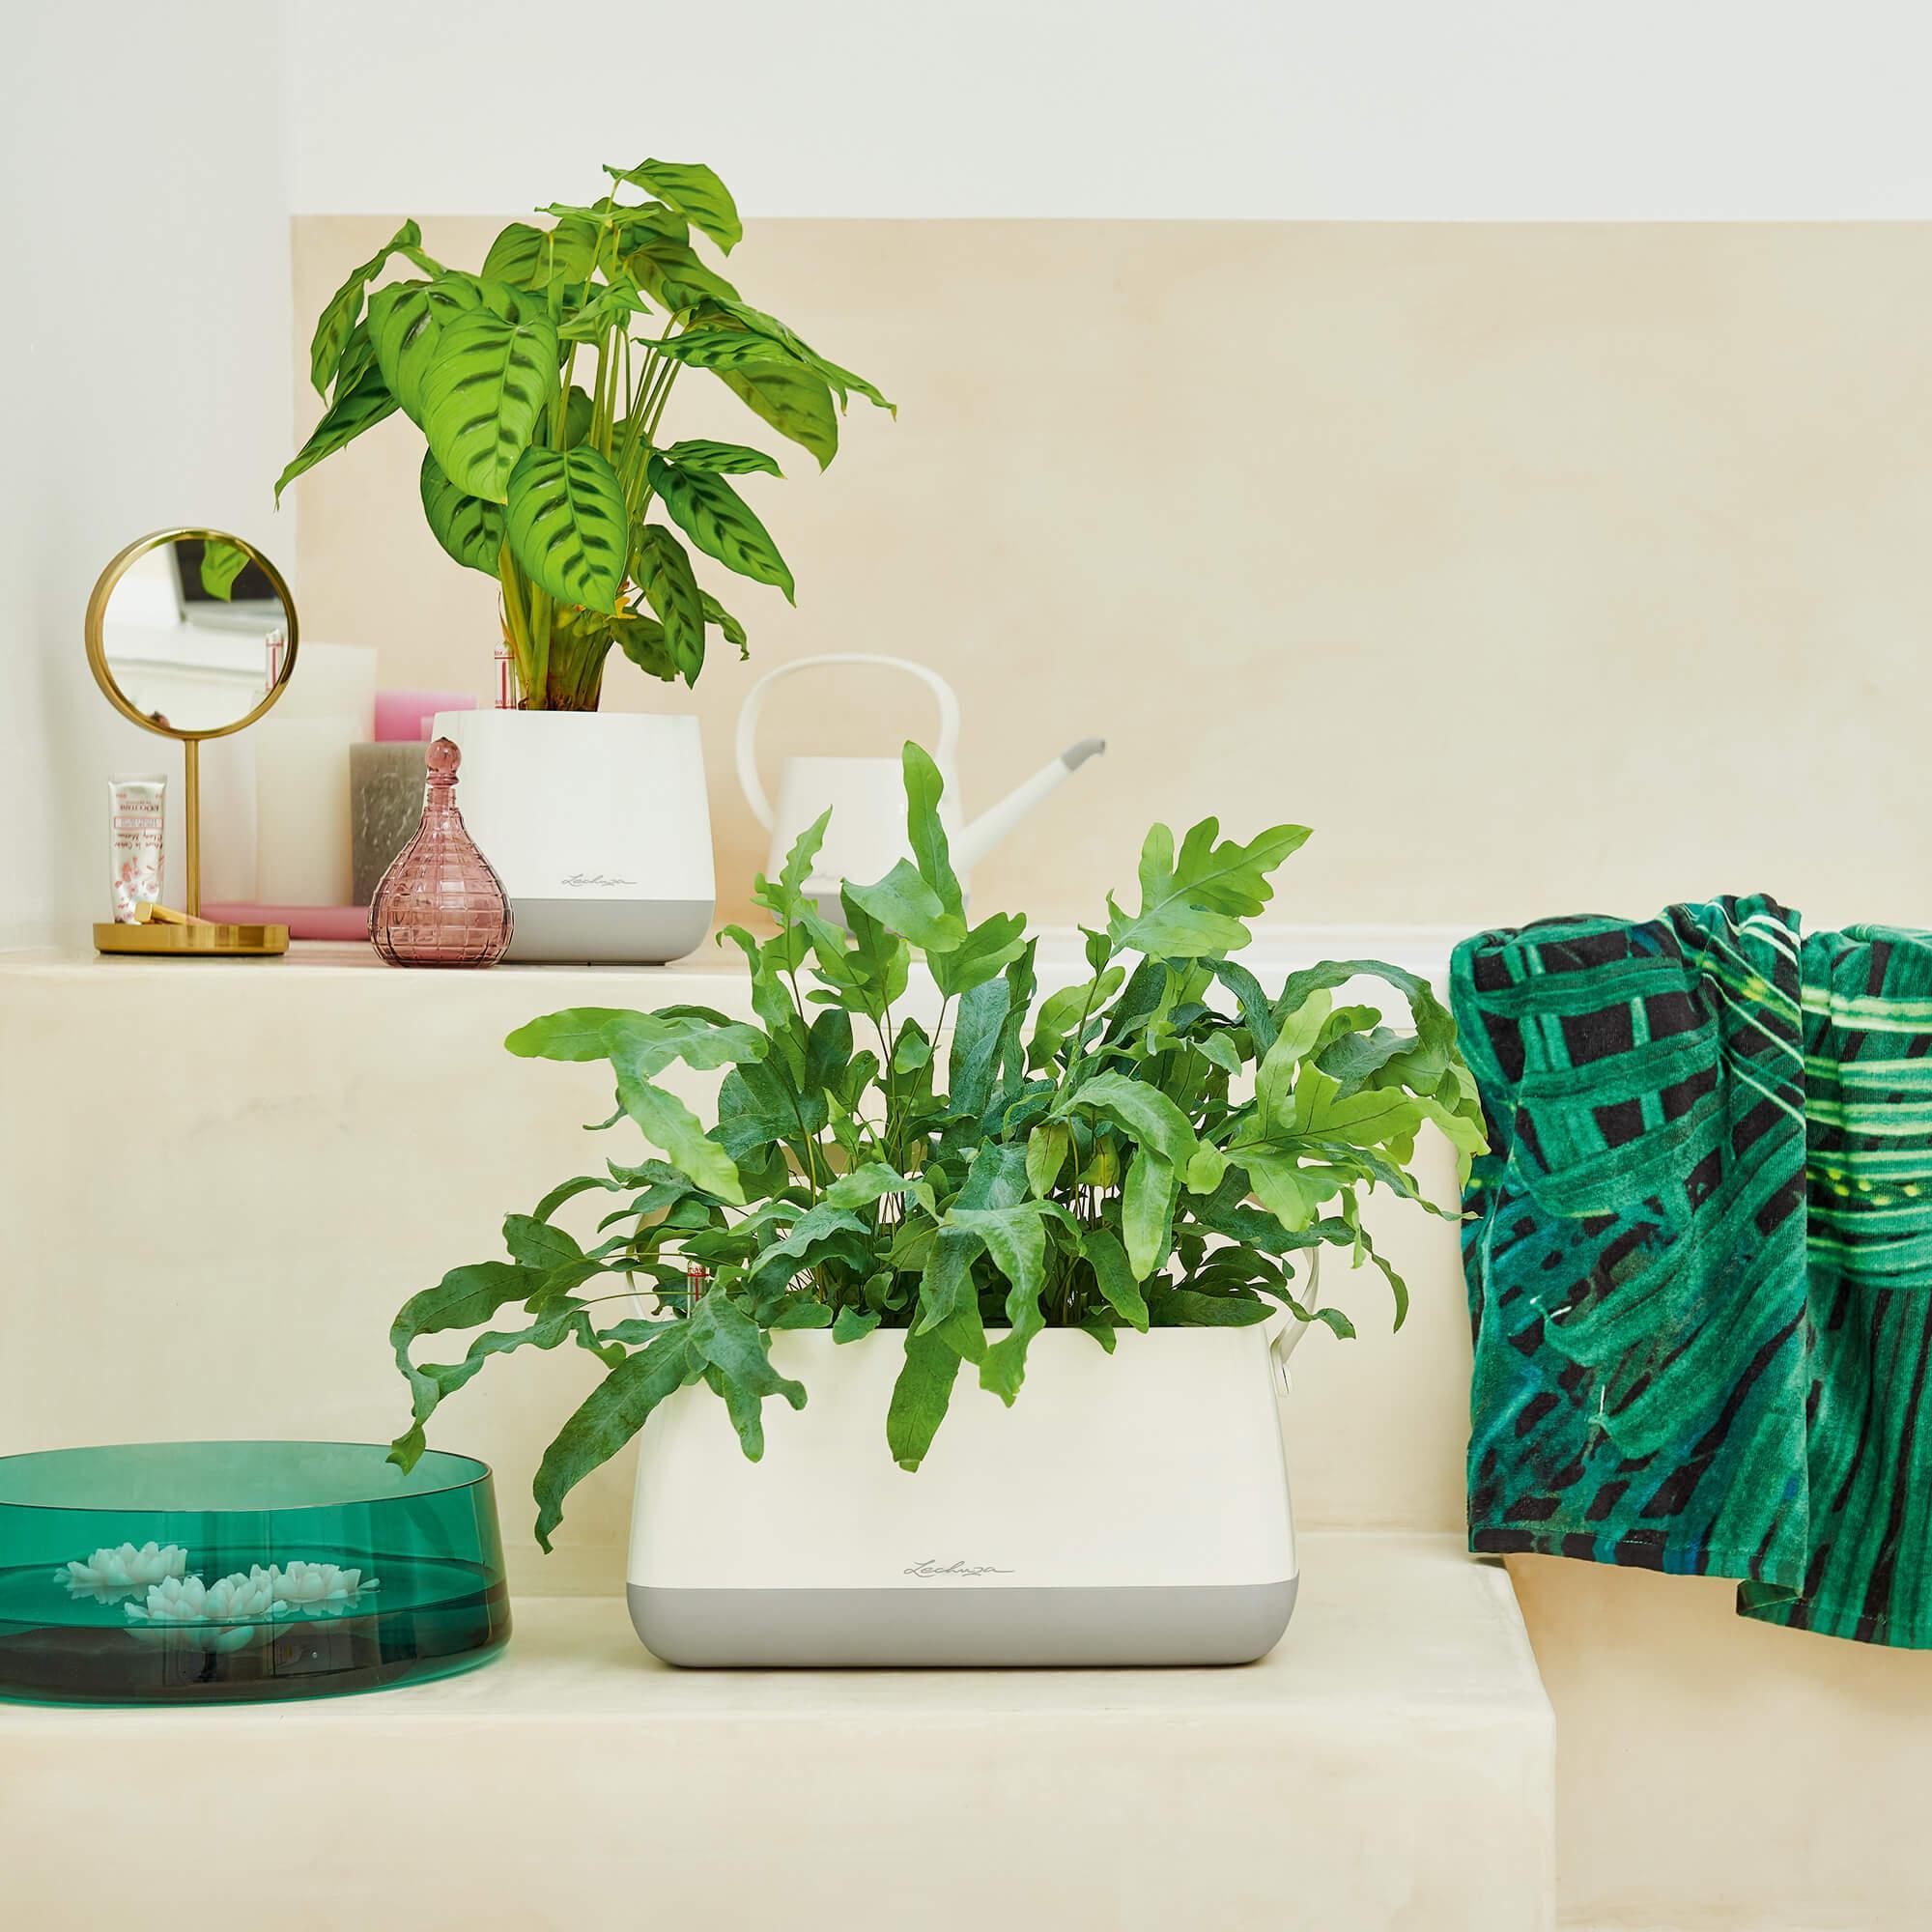 Borsetta per piante YULA bianco/grigio semi opache - Immagine 10